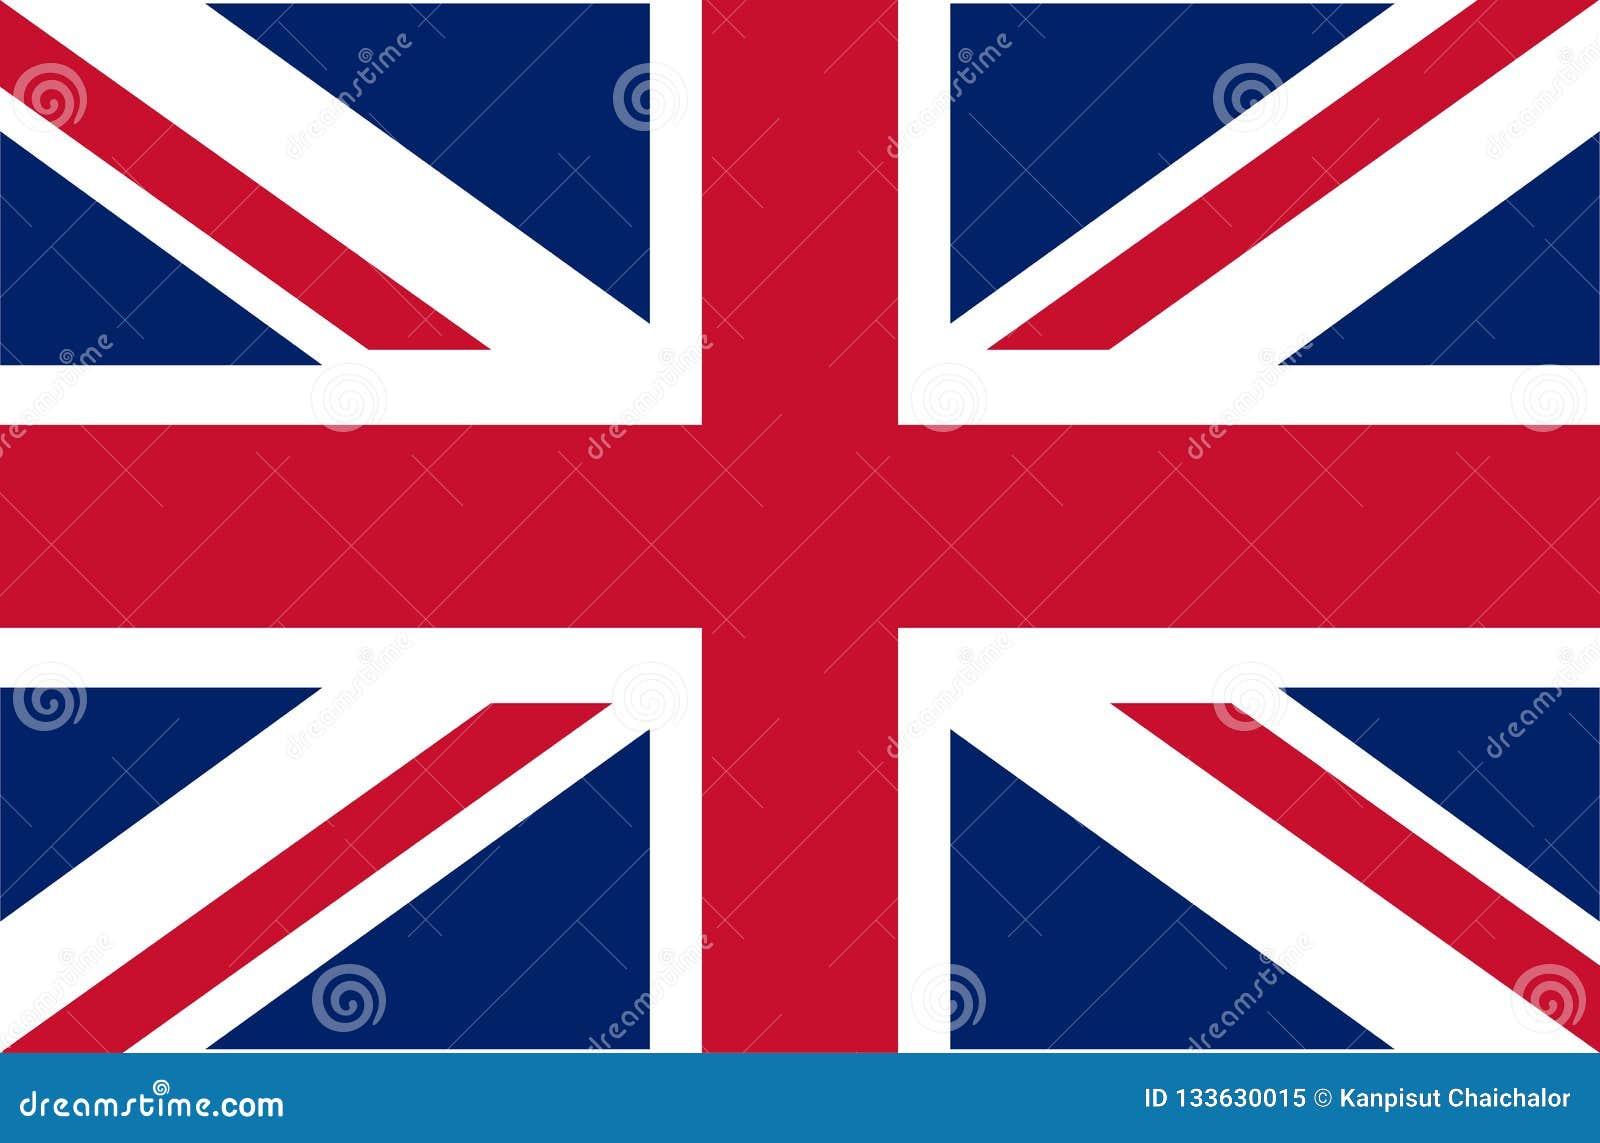 Reino Unido Union Jack Bandeira de Reino Unido Cores oficiais Proporção correta Ilustração do vetor A bandeira britânica está voa